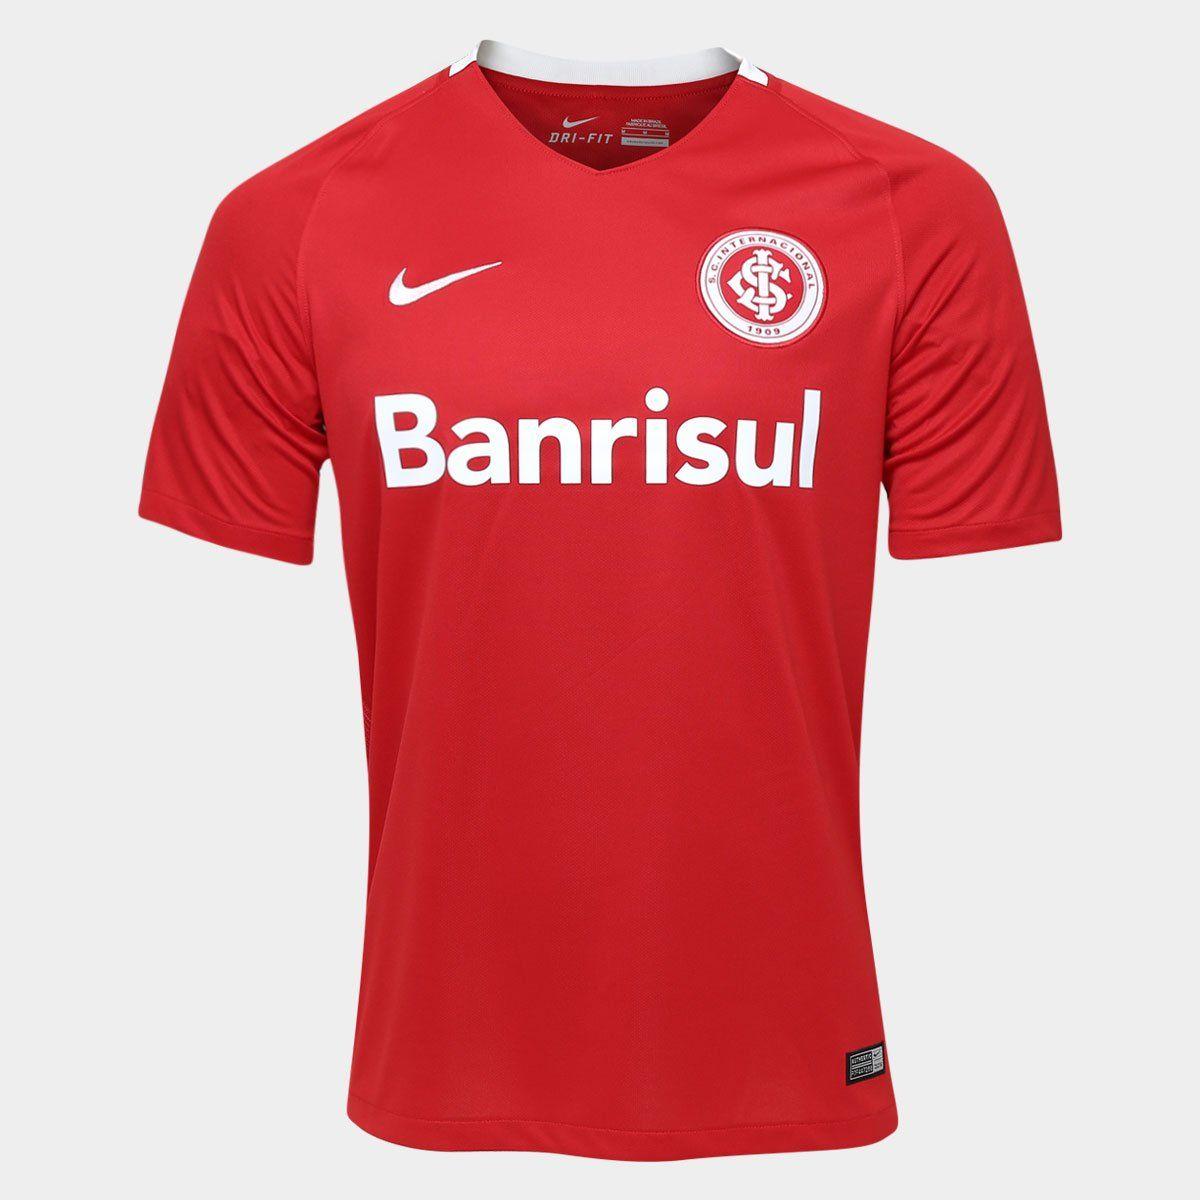 Camisa Internacional Nike Vermelho Masculina - Oficial 2016